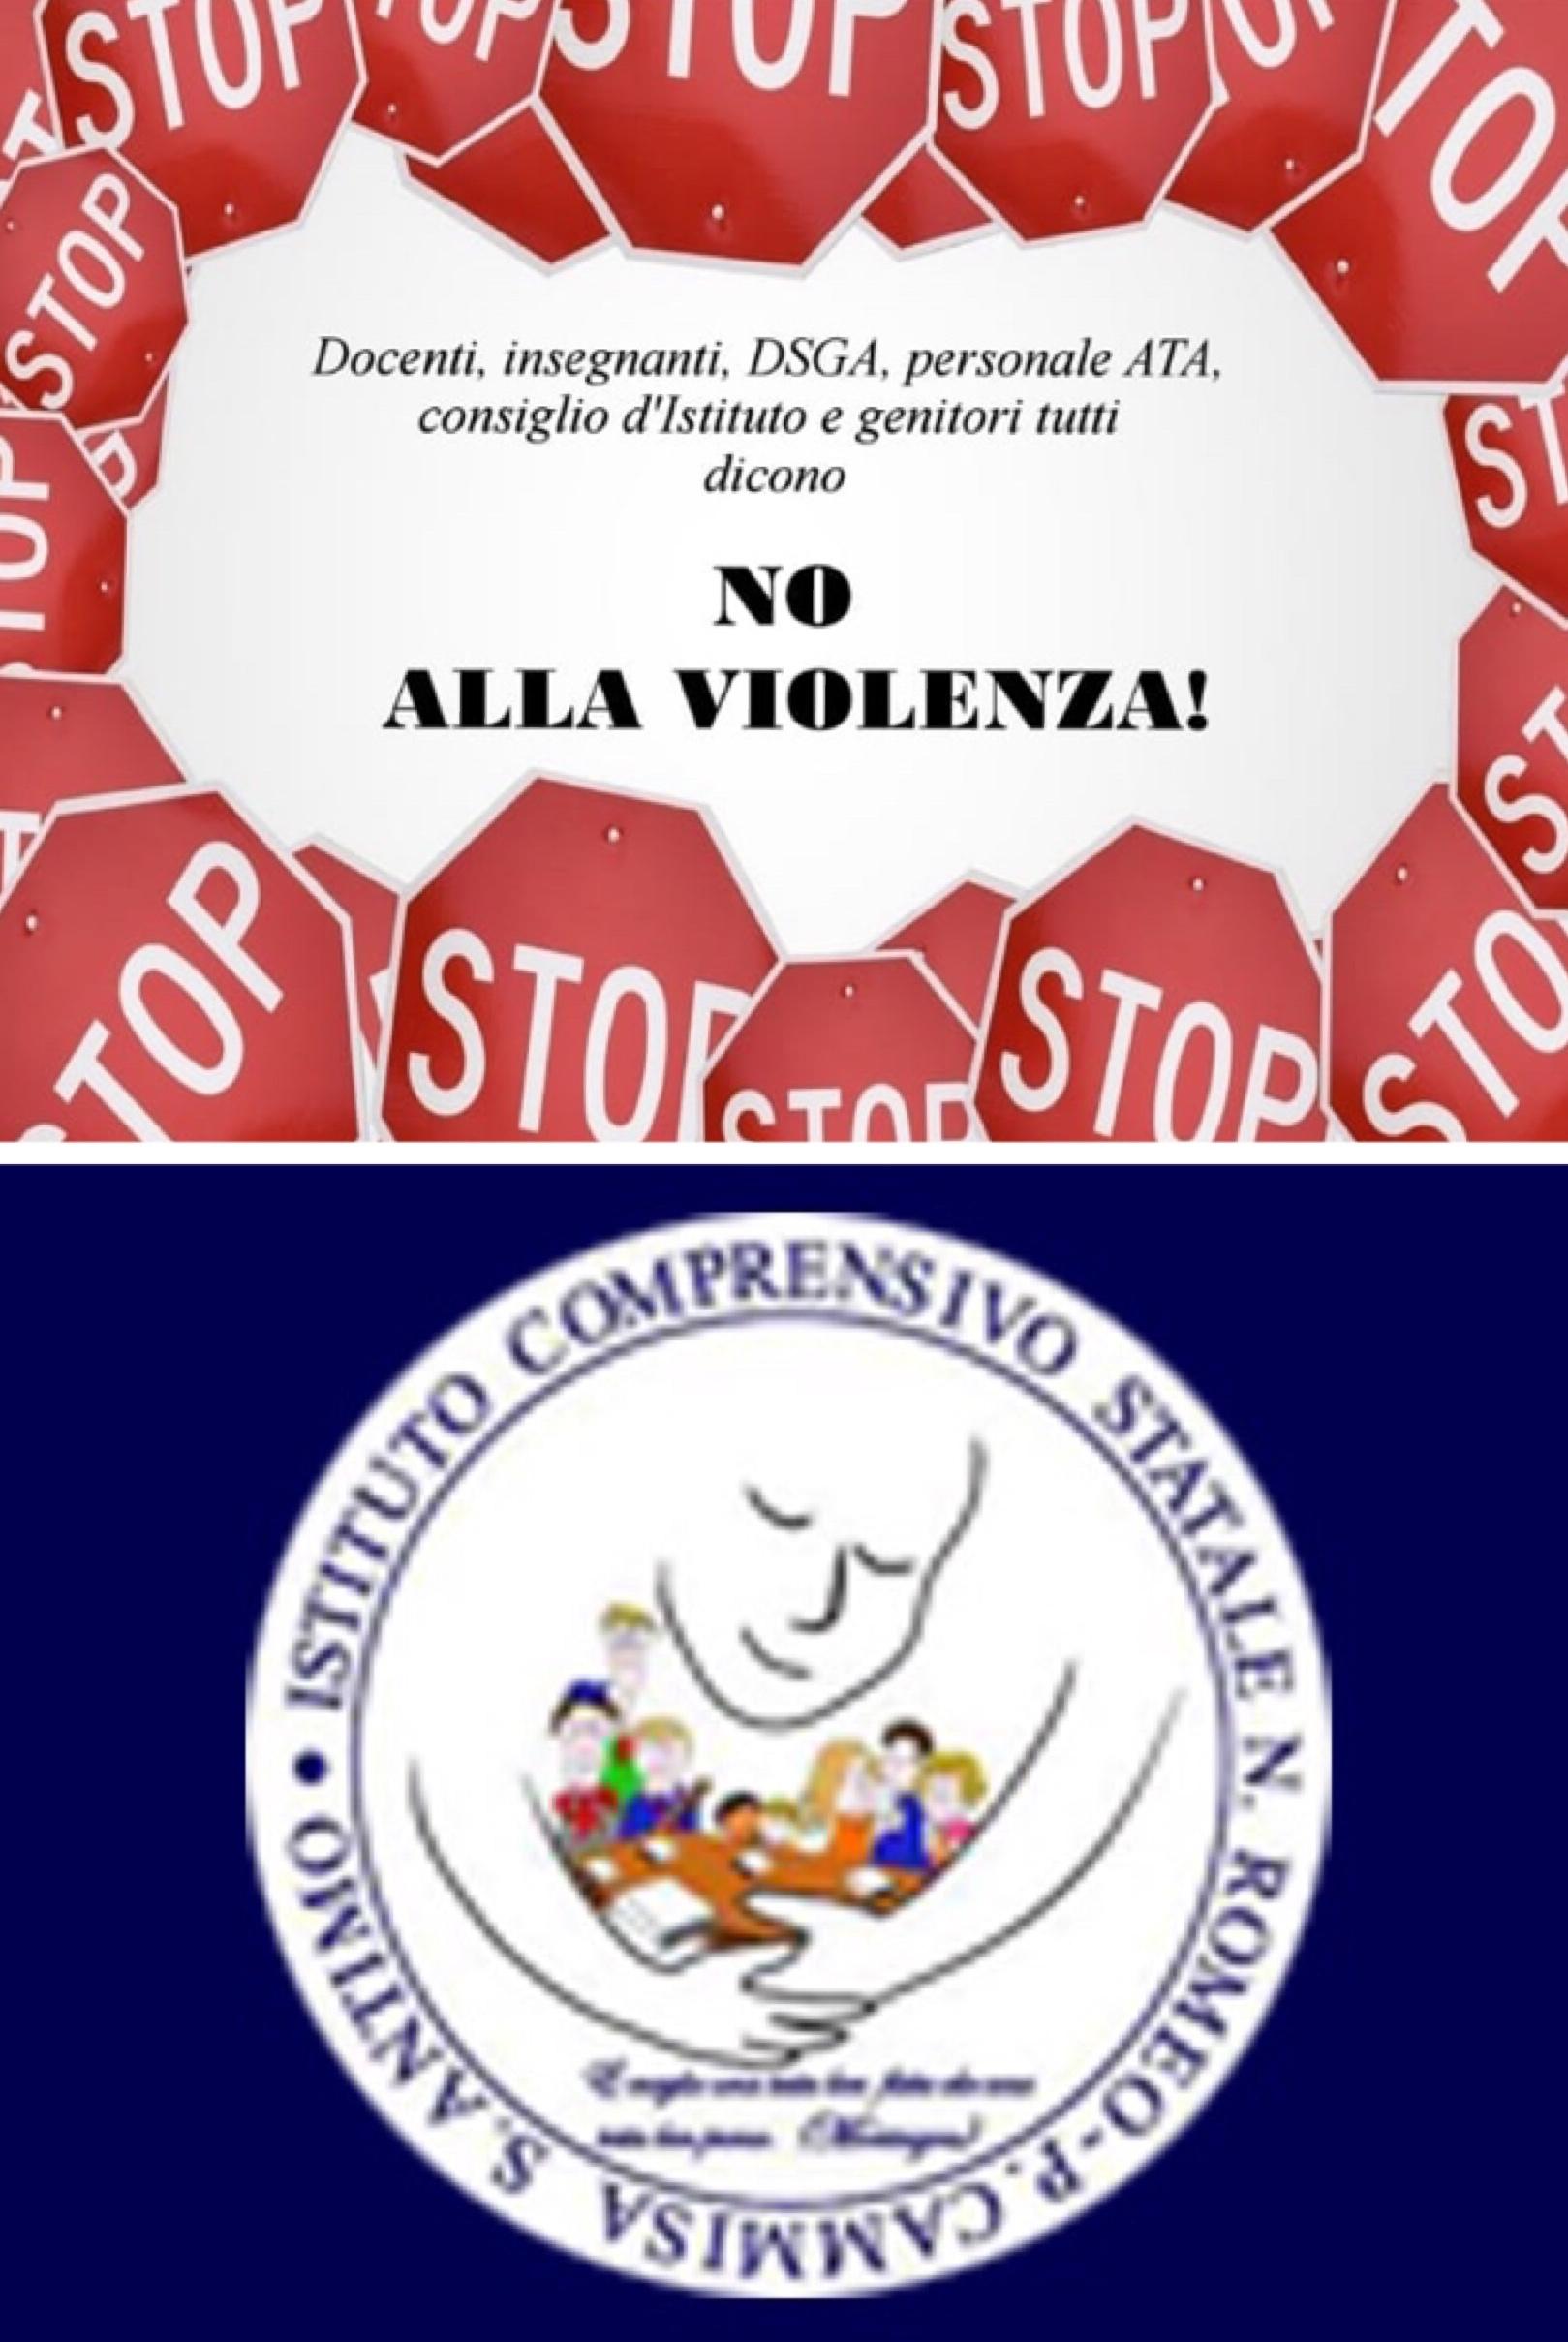 """Dopo l'aggressione dei giorni scorsi L'I.C. Romeo – Cammisa di Sant'Antimo dice """"No alla violenza"""""""